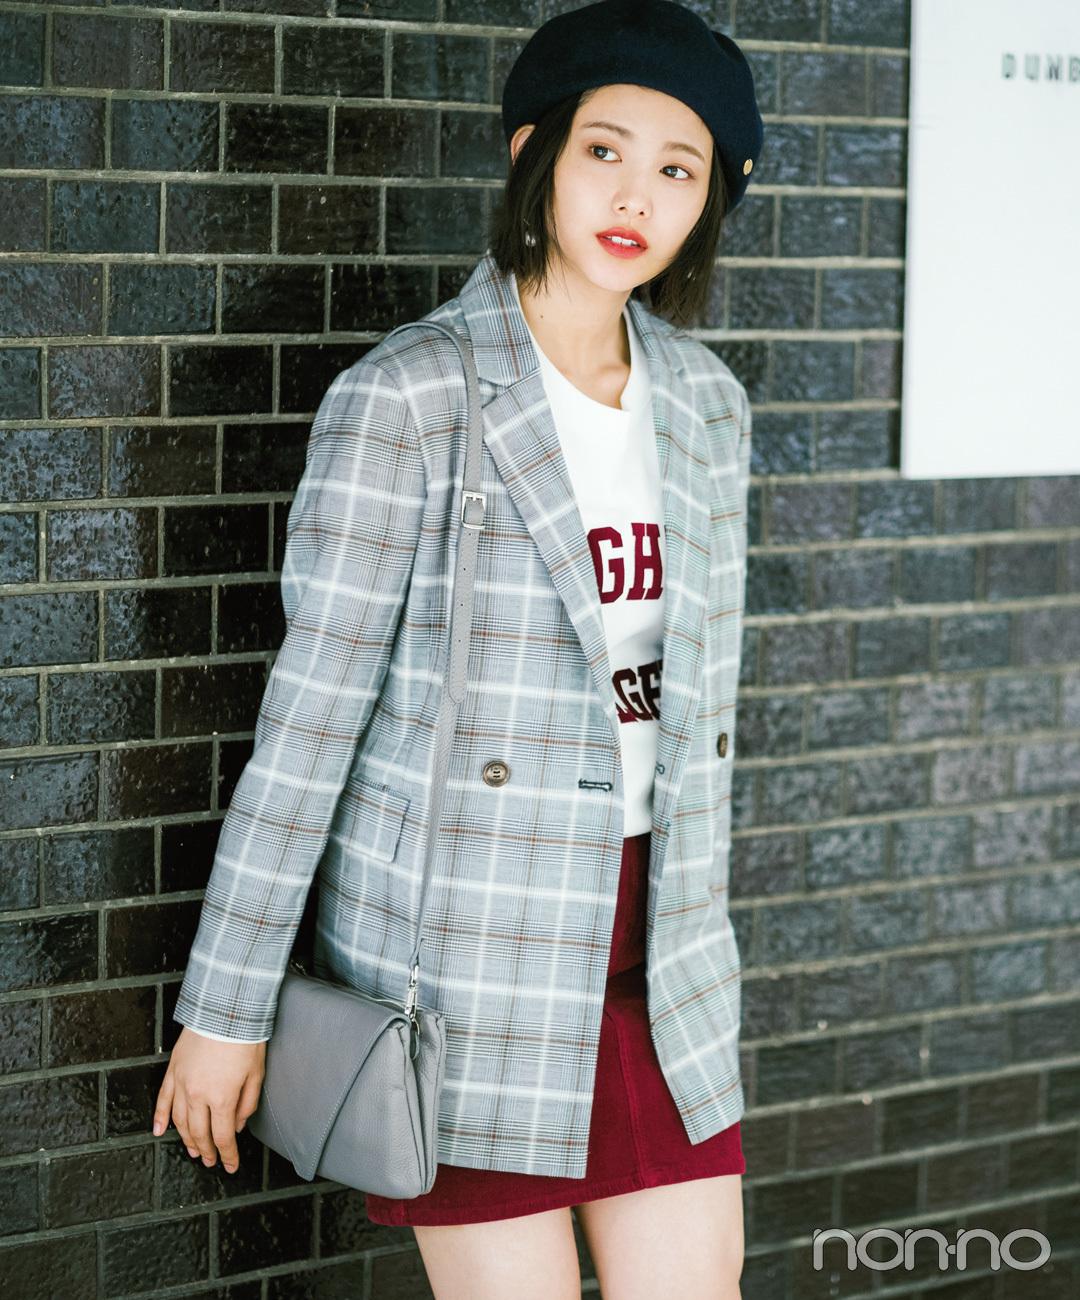 【台形ミニスカートコーデ】丈が長めのジャケットは、台形ミニでメリハリを♡